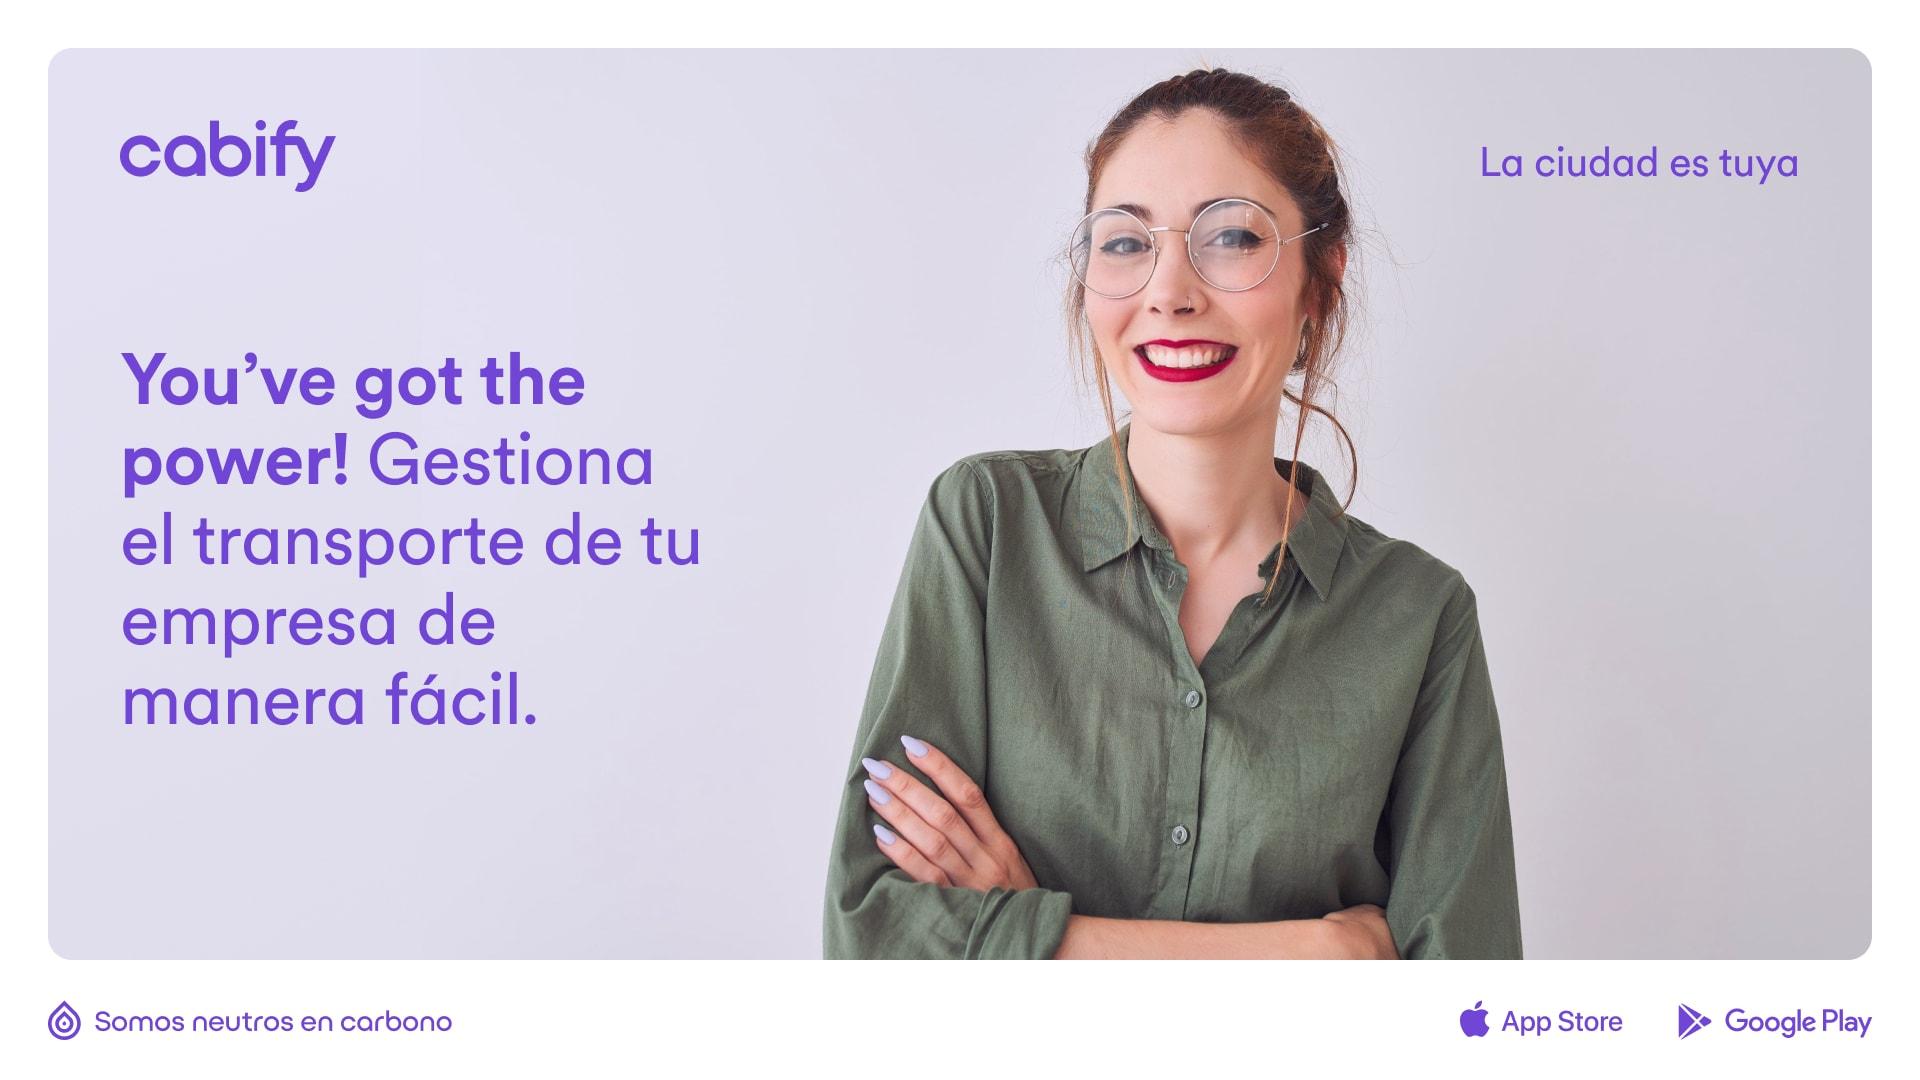 """Un anuncio que dice """"You've got the power! Gestiona el transporte de tu empresa de manera fácil."""" junto a la imagen de una mujer"""